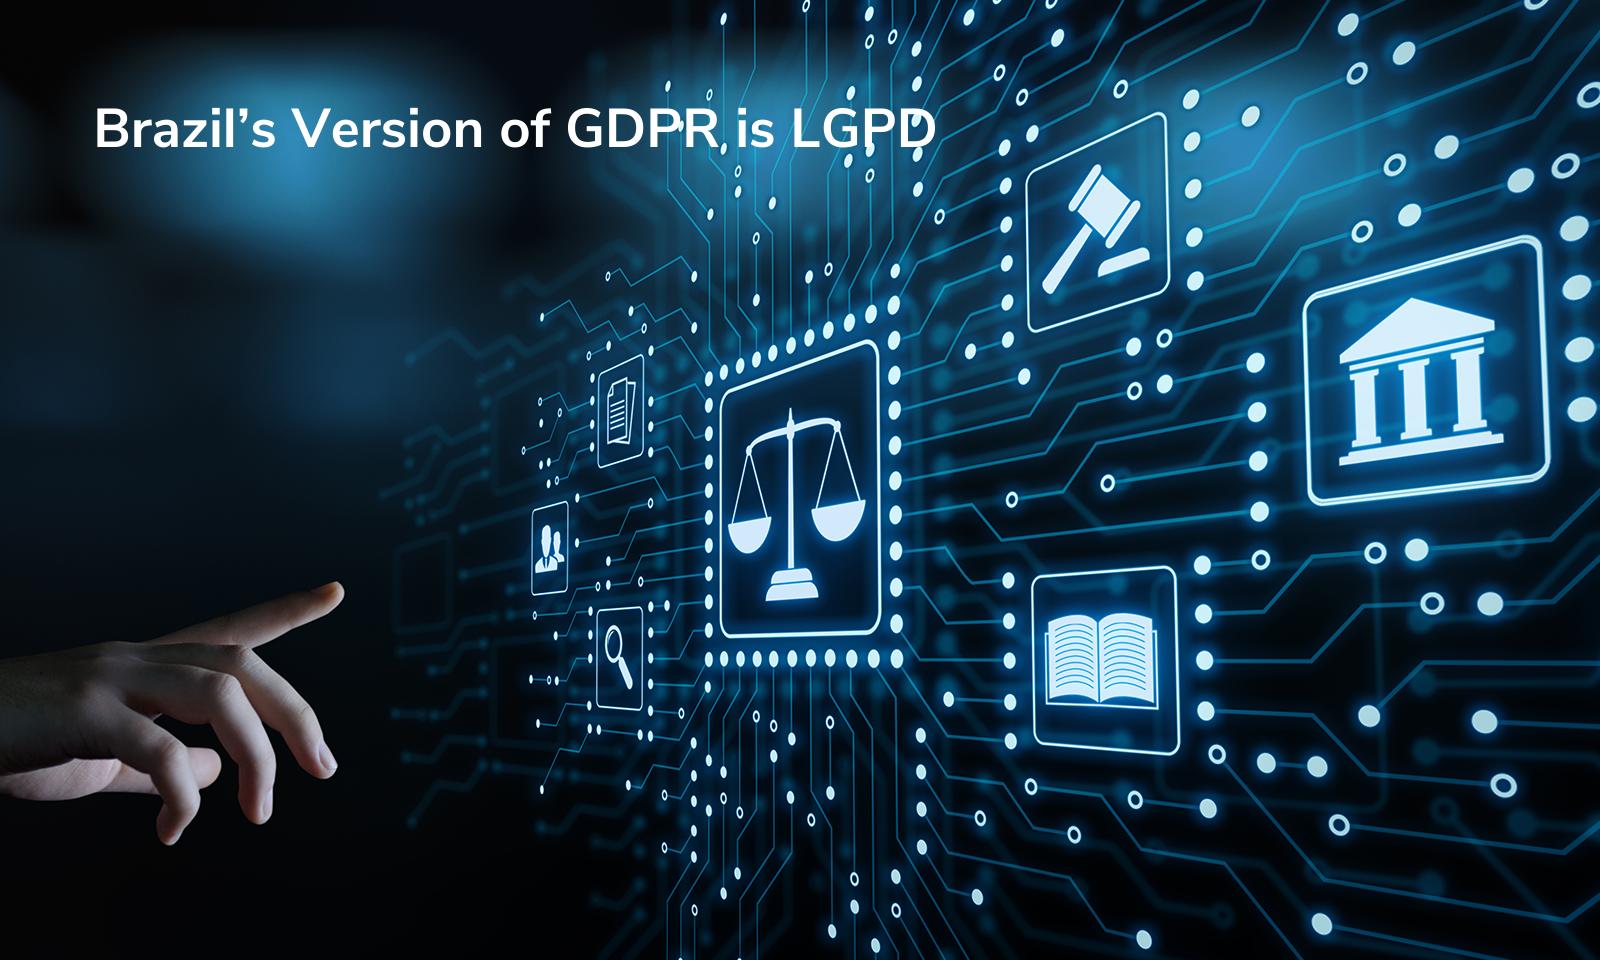 A versão brasileira do GDPR é LGPD